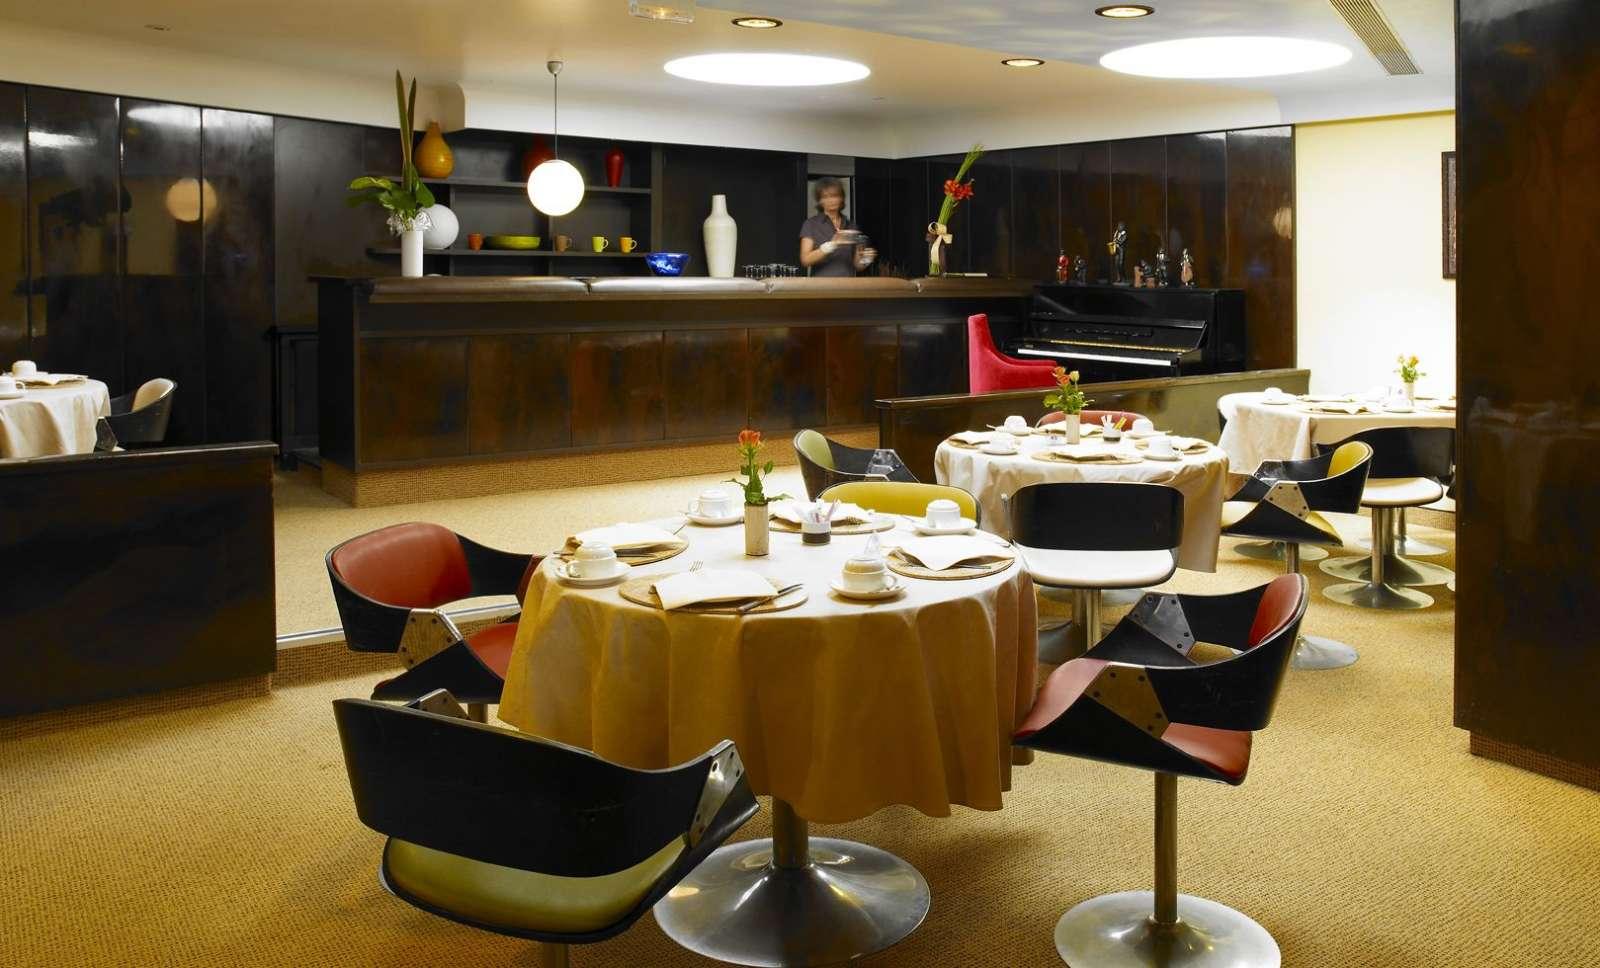 Morgenmadssalen i gennemført 70'er-stil